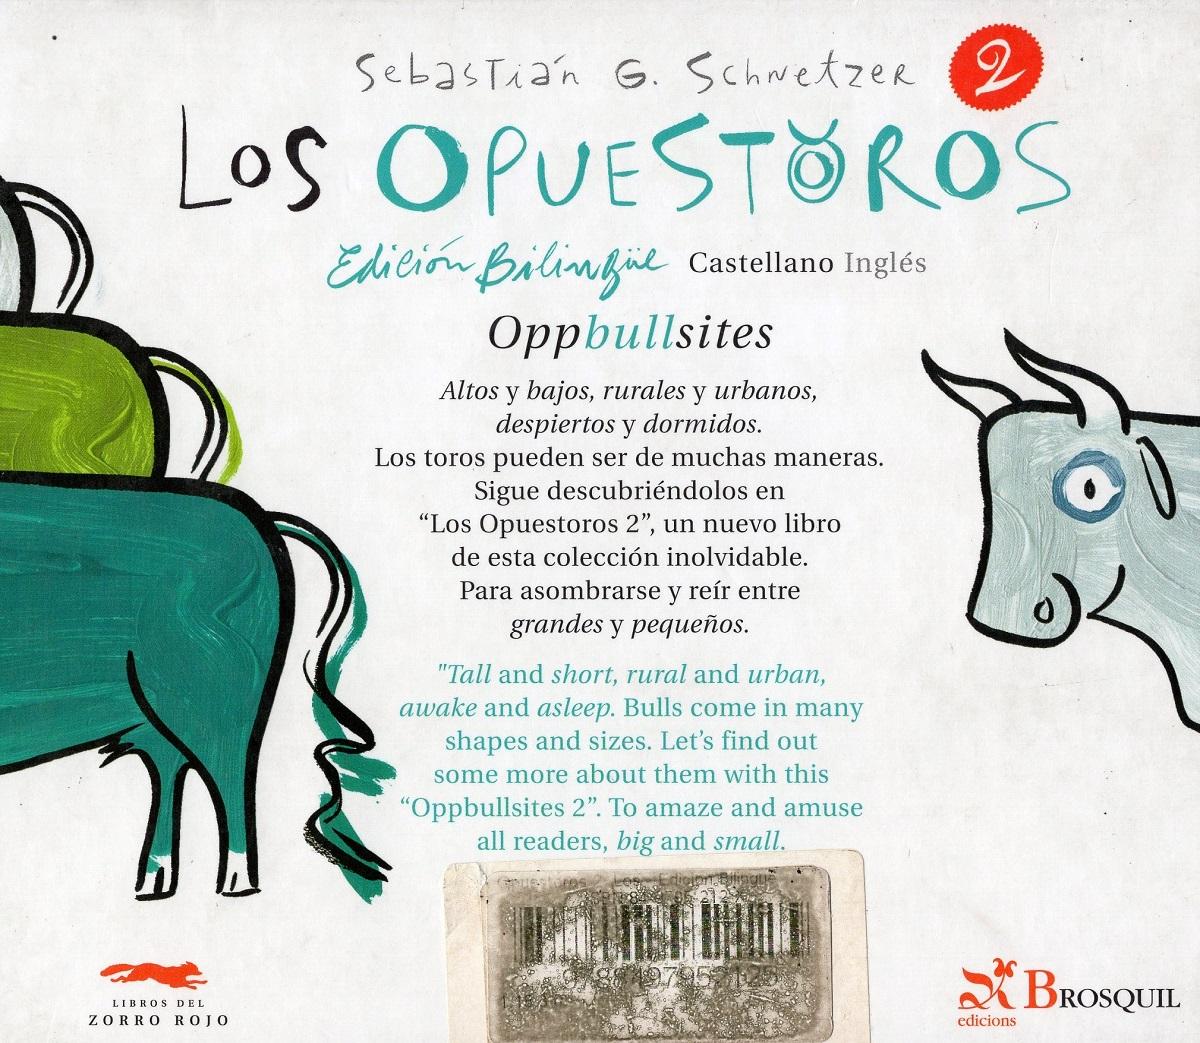 LOS OPUESTOROS 2 ED.BILINGUE